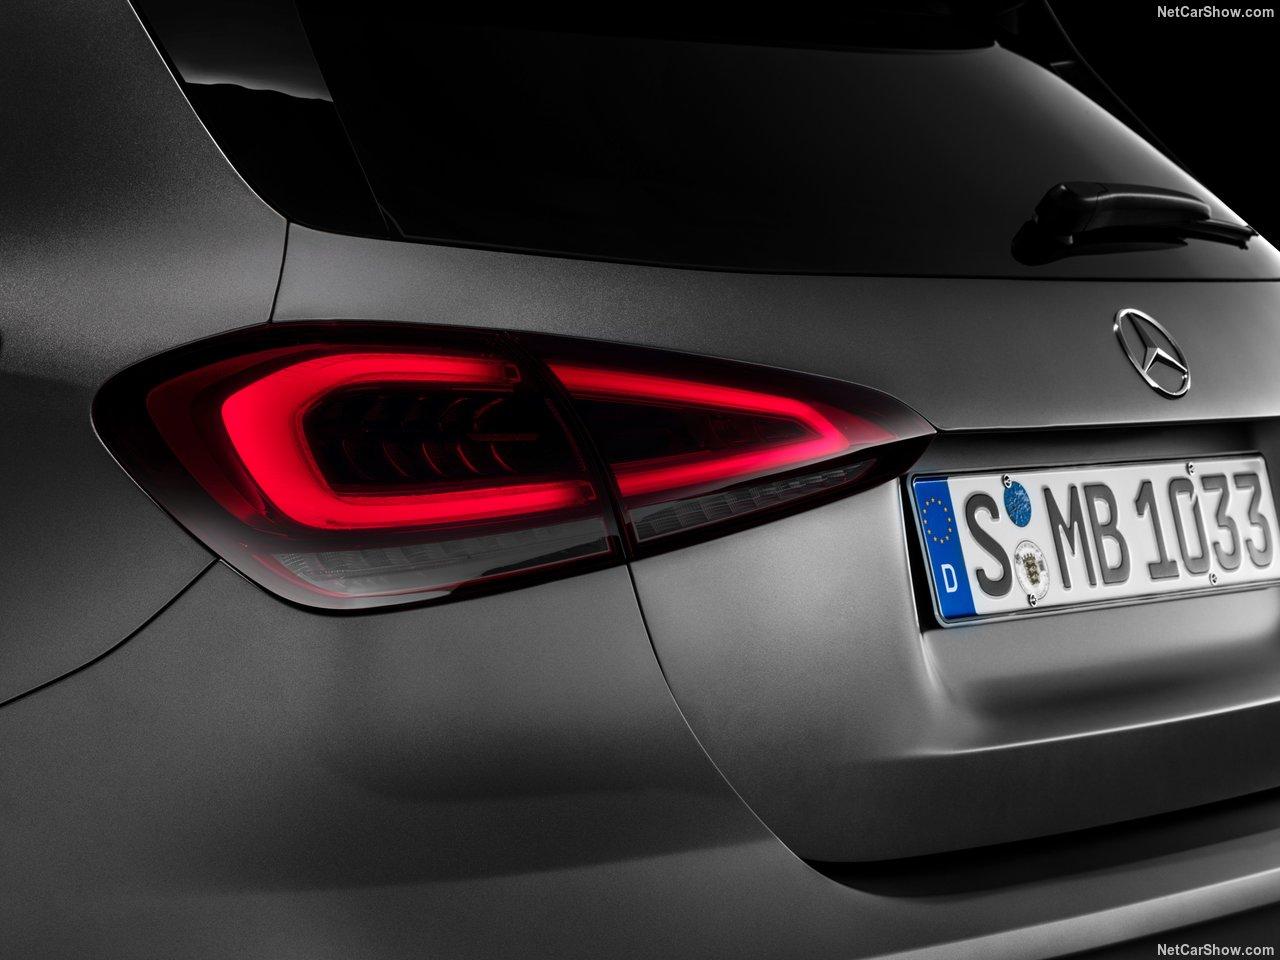 Mercedes-Benz-A-Class-2019-1280-4a.jpg